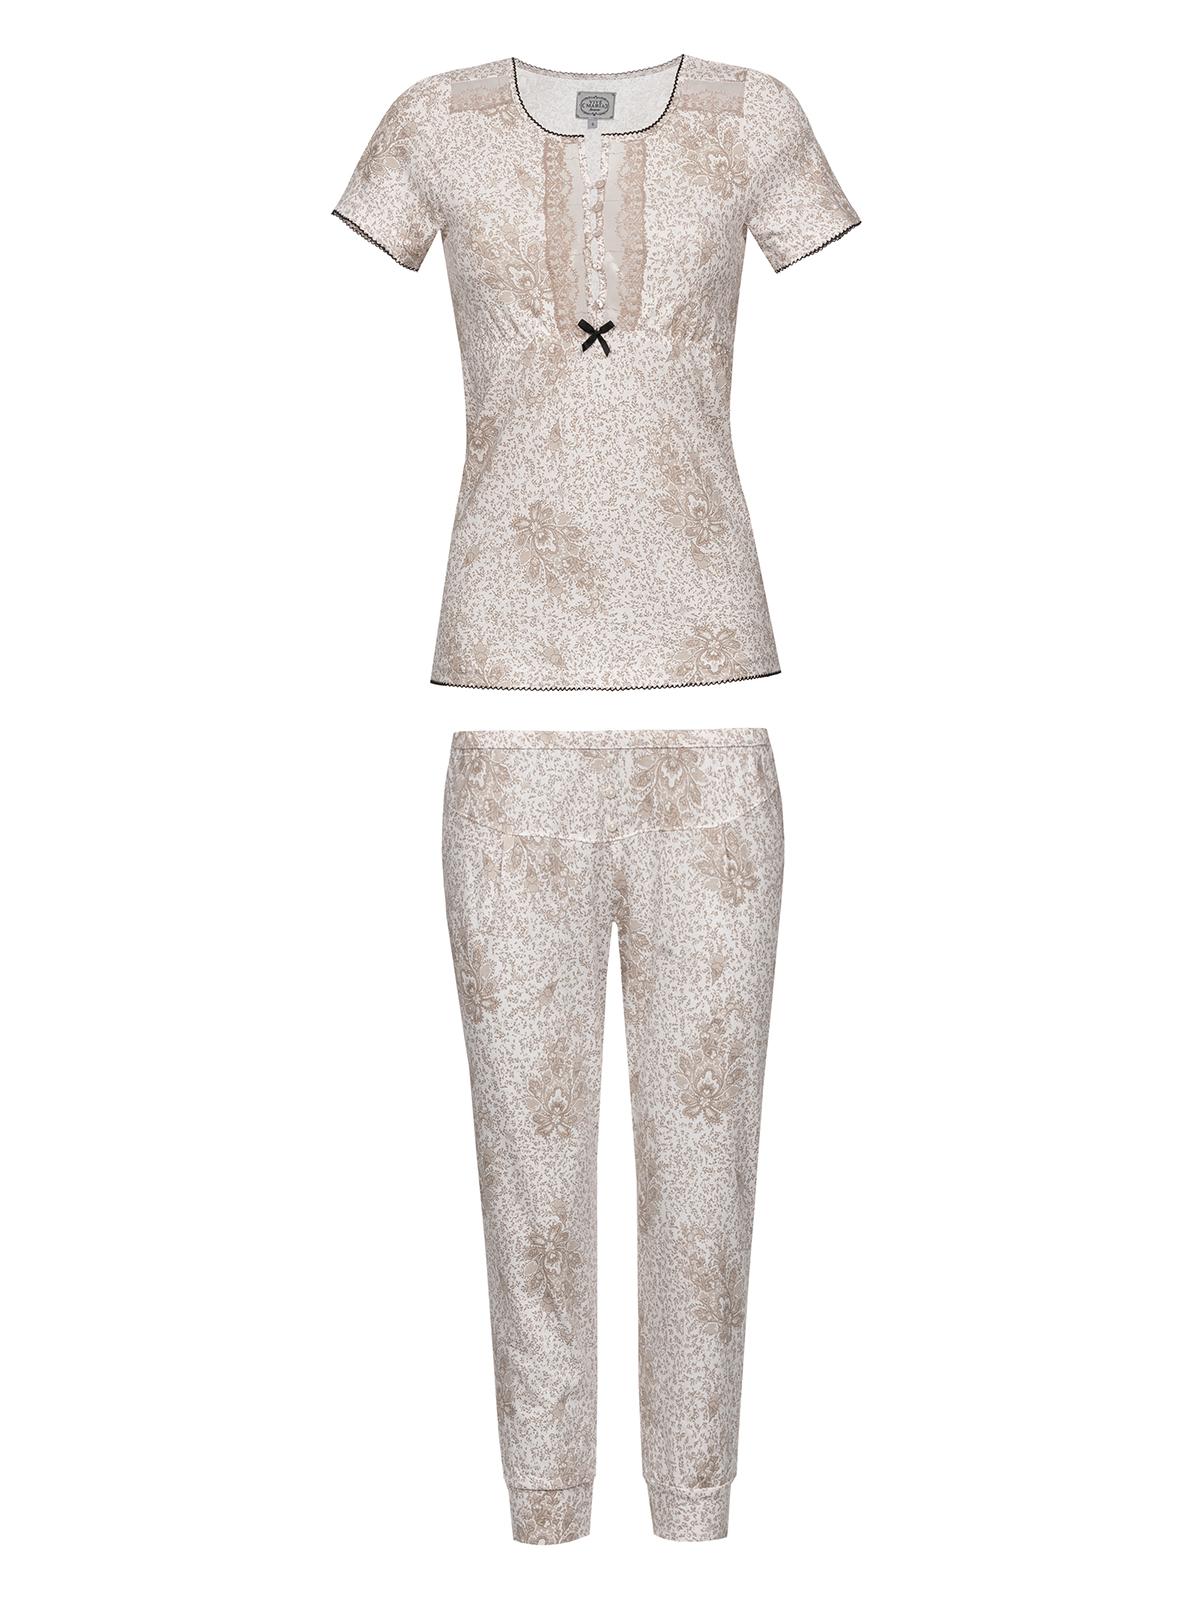 erstklassige Qualität Verkauf Einzelhändler neu authentisch Vive Maria Tender Hippy Pyjama White Allover